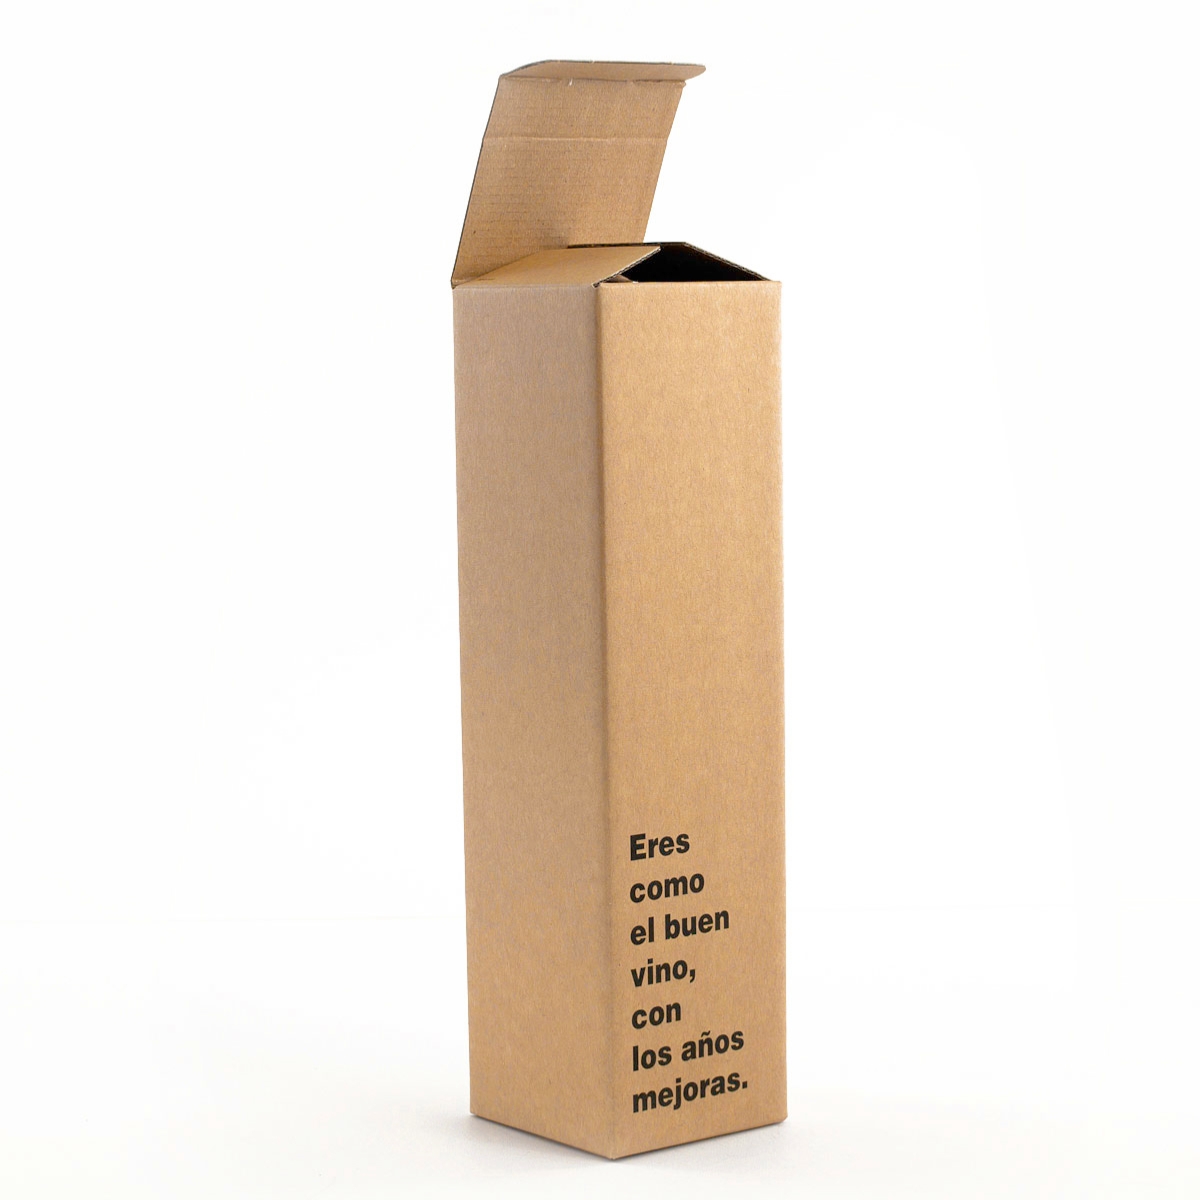 c94bd2aa2 Caja para 1 botella - Kraft